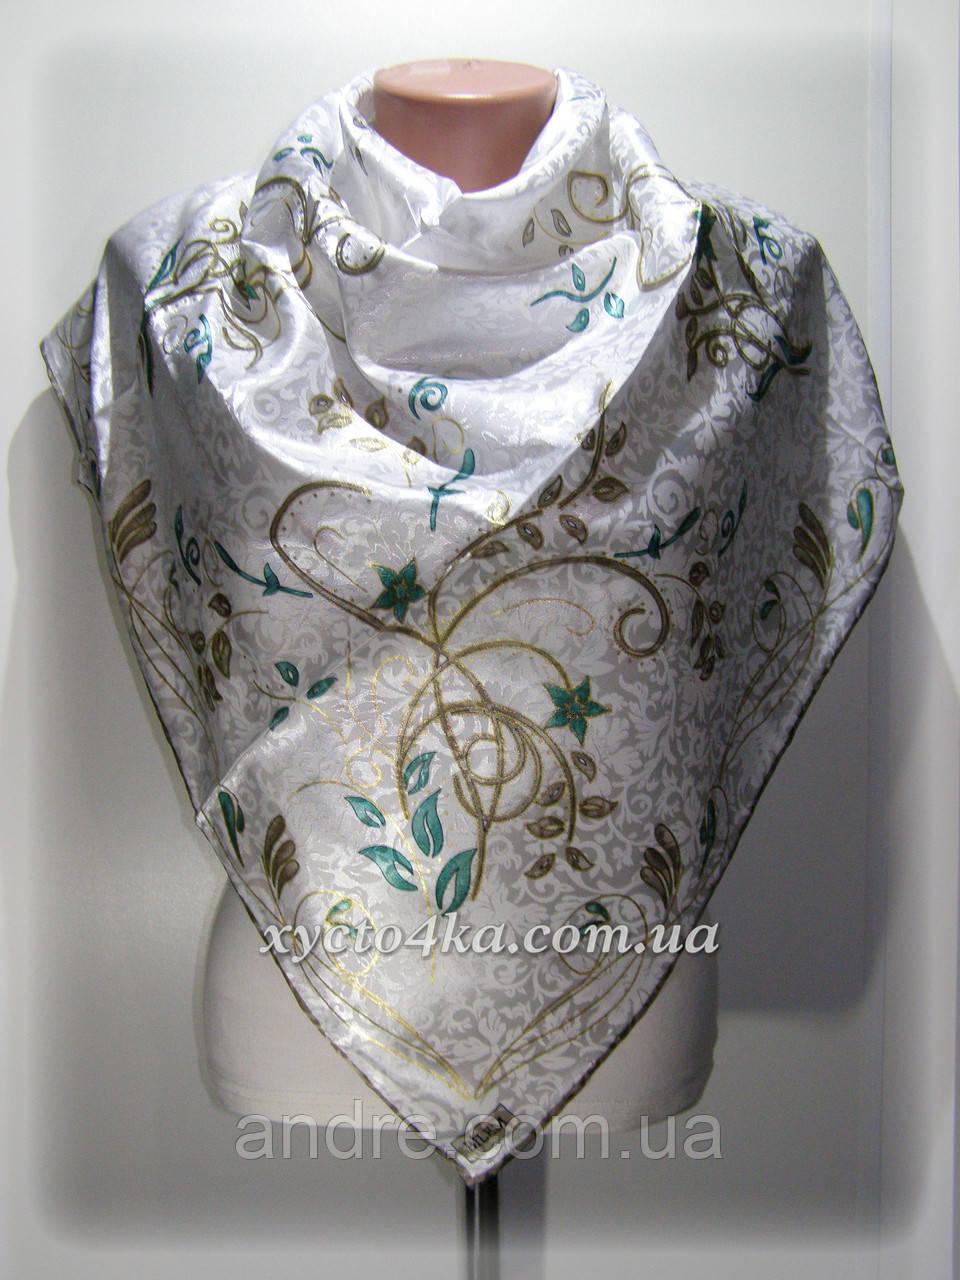 9dc44f7e9b40 Атласный платок Гюльсой, белый с бирюзой - Bigl.ua